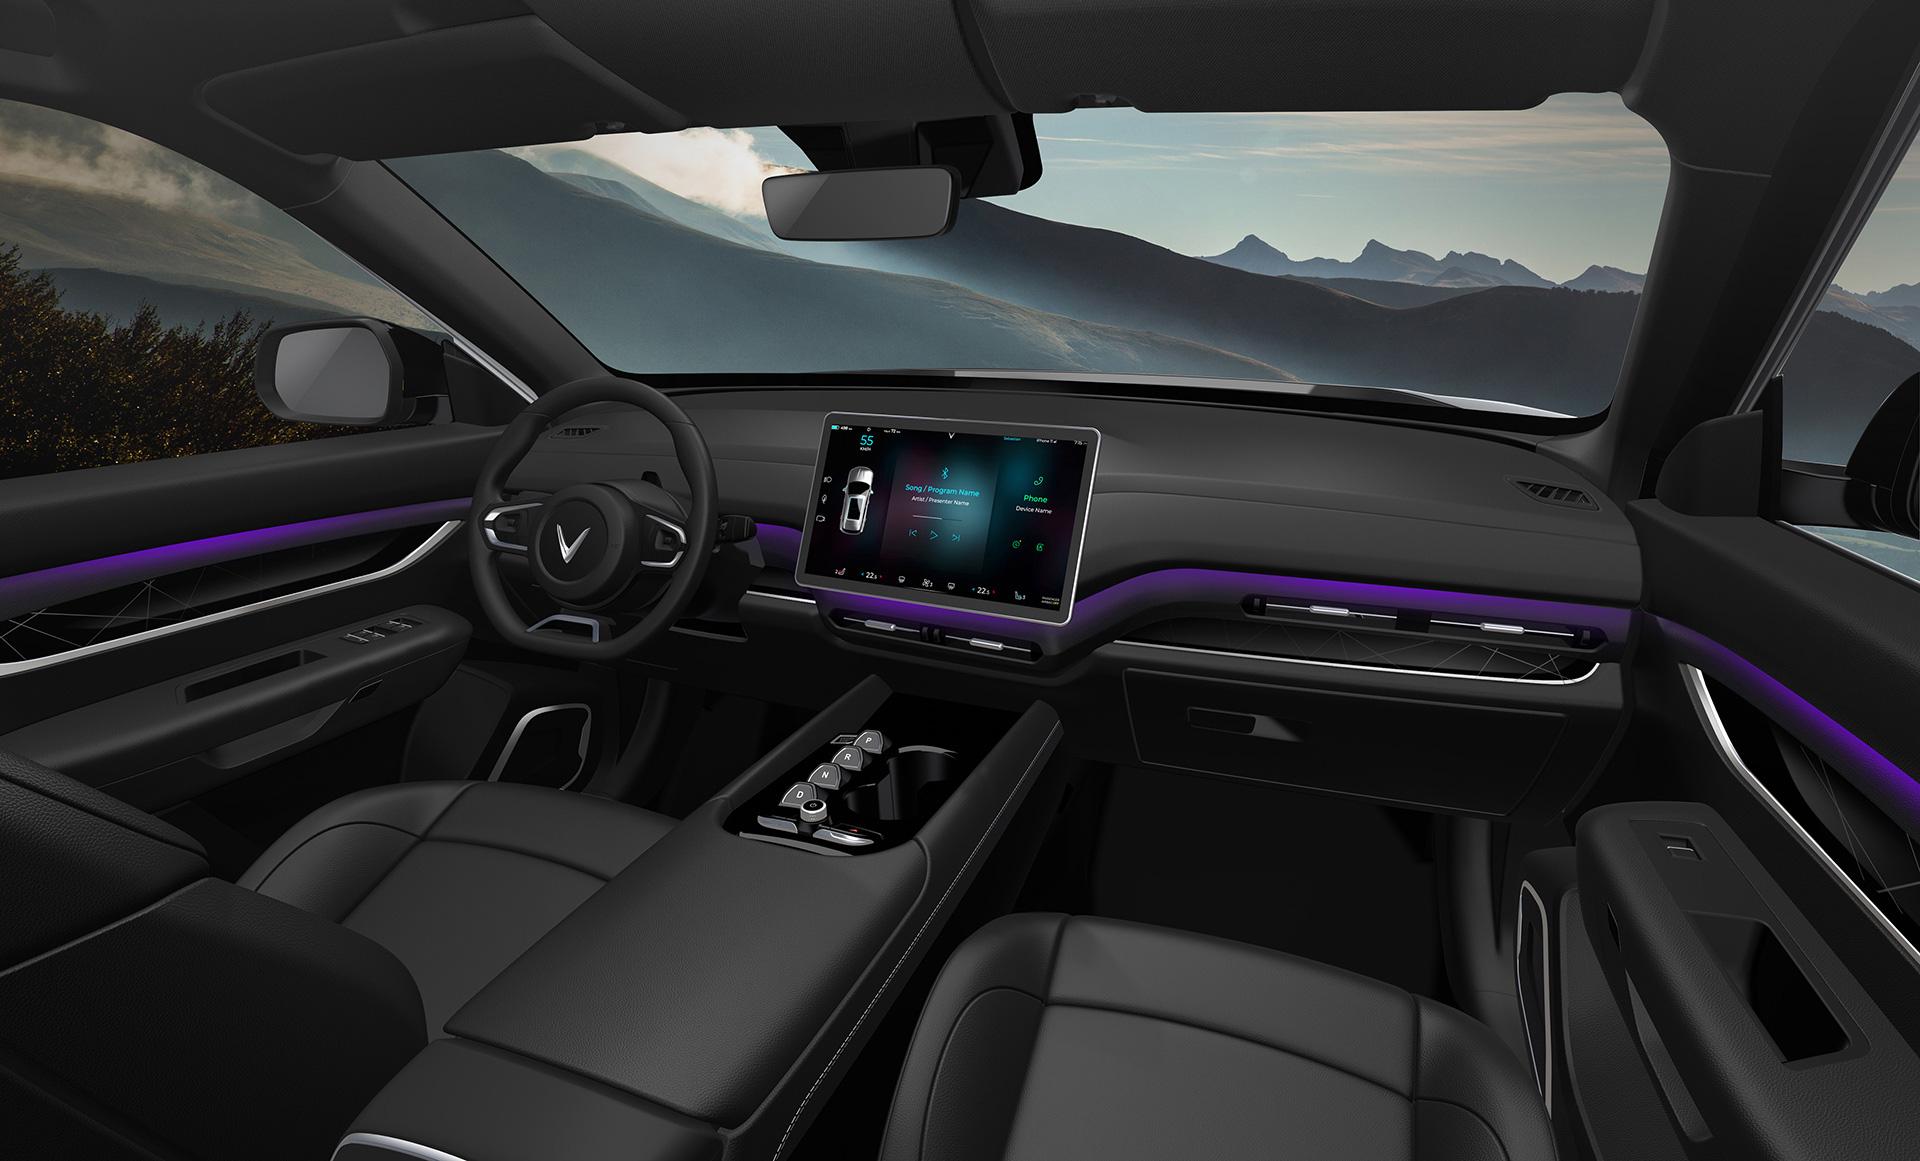 VinFast chọn công nghệ chip Nvidia trên ô tô điện thông minh tự hành - Ảnh 2.